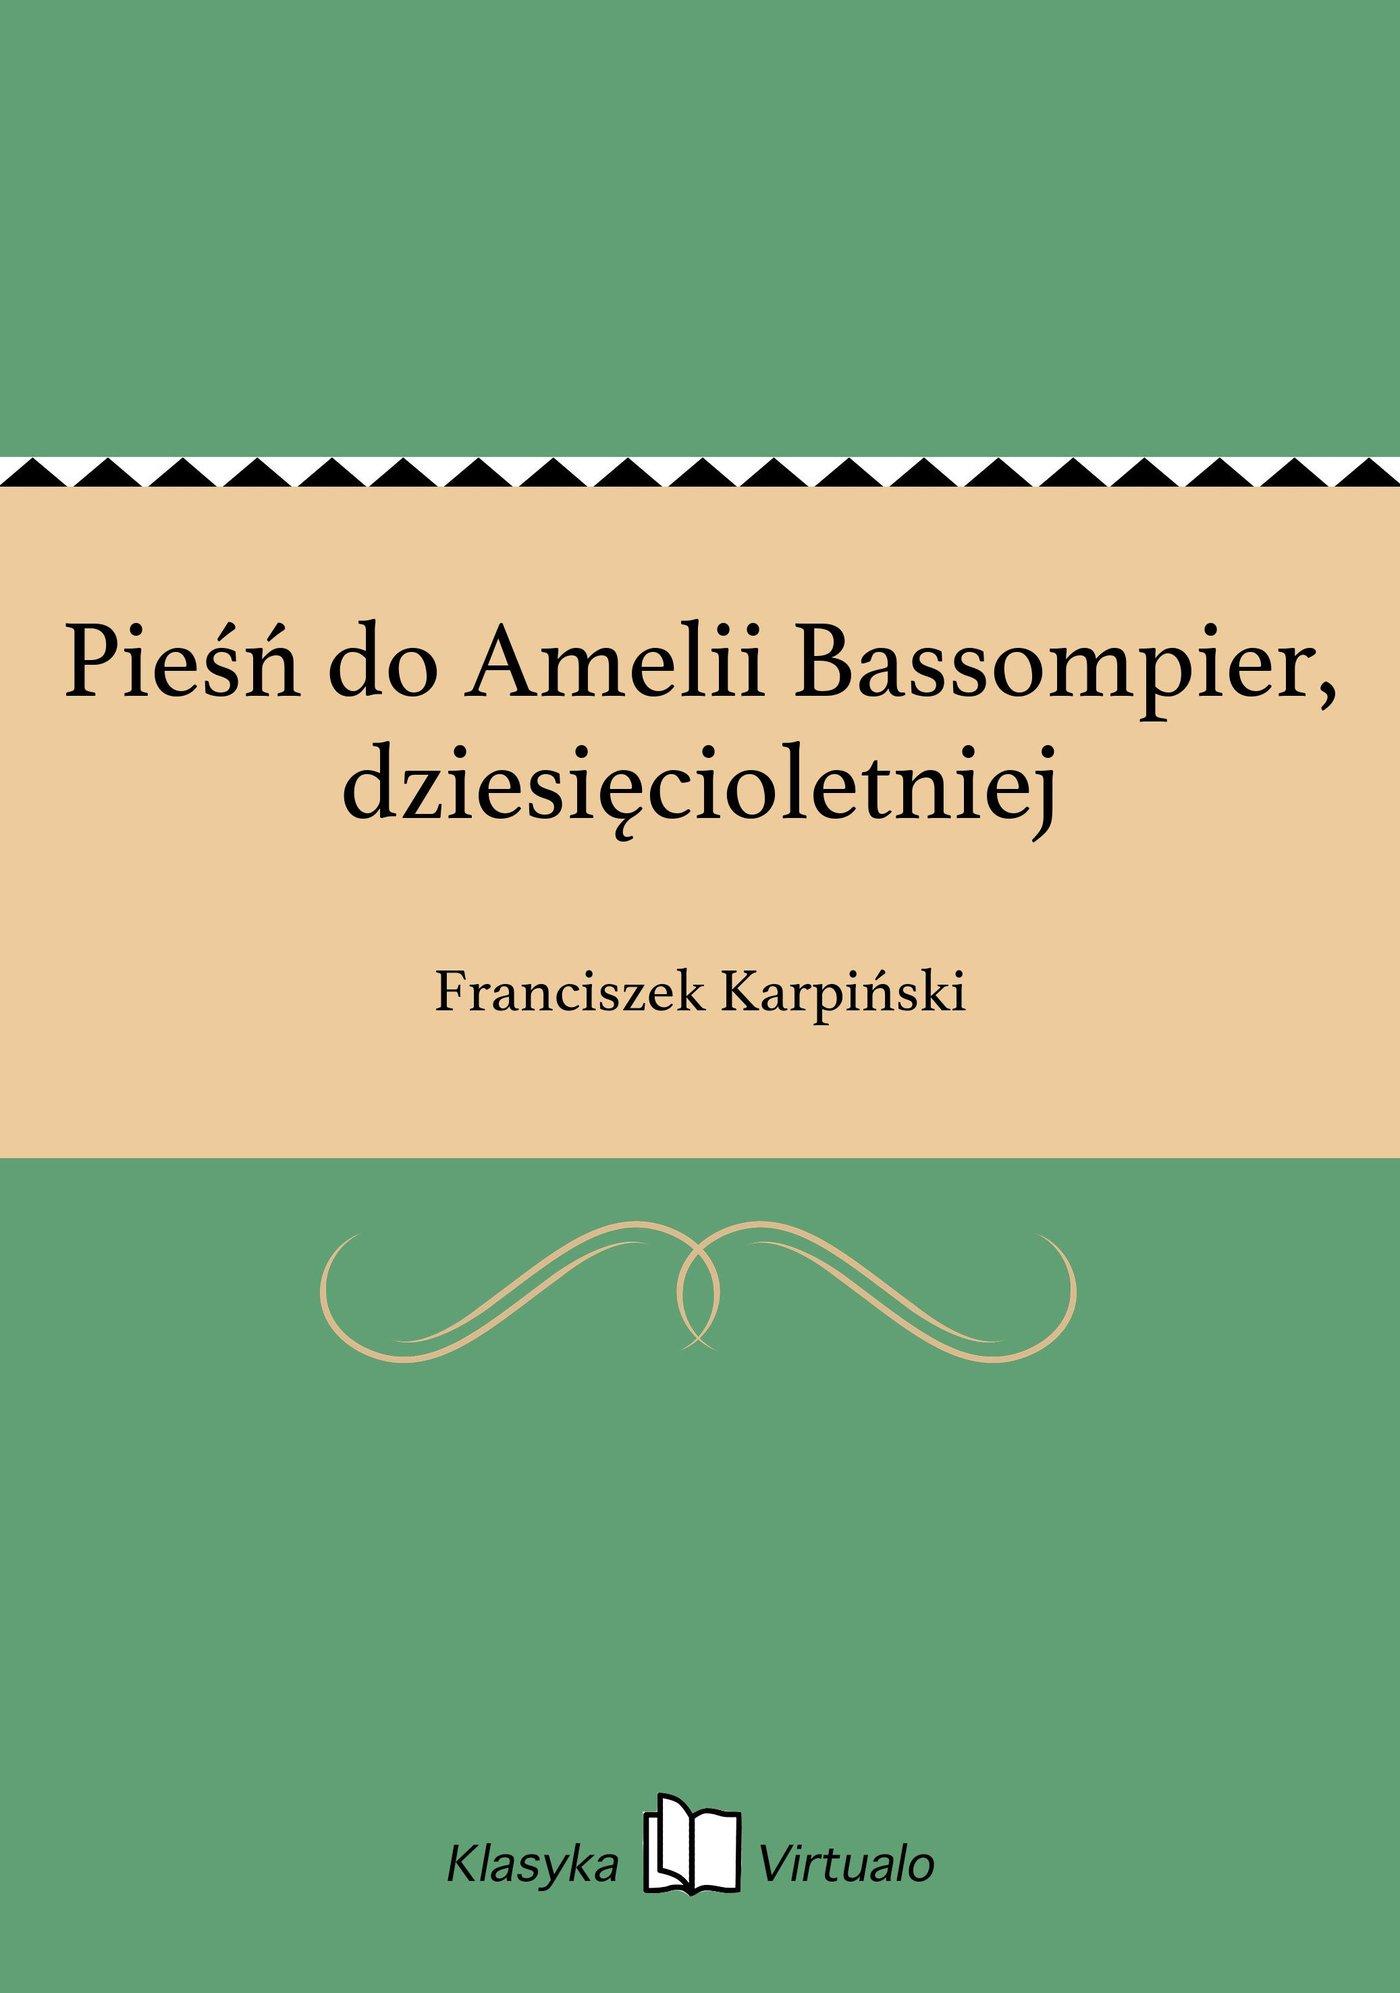 Pieśń do Amelii Bassompier, dziesięcioletniej - Ebook (Książka na Kindle) do pobrania w formacie MOBI